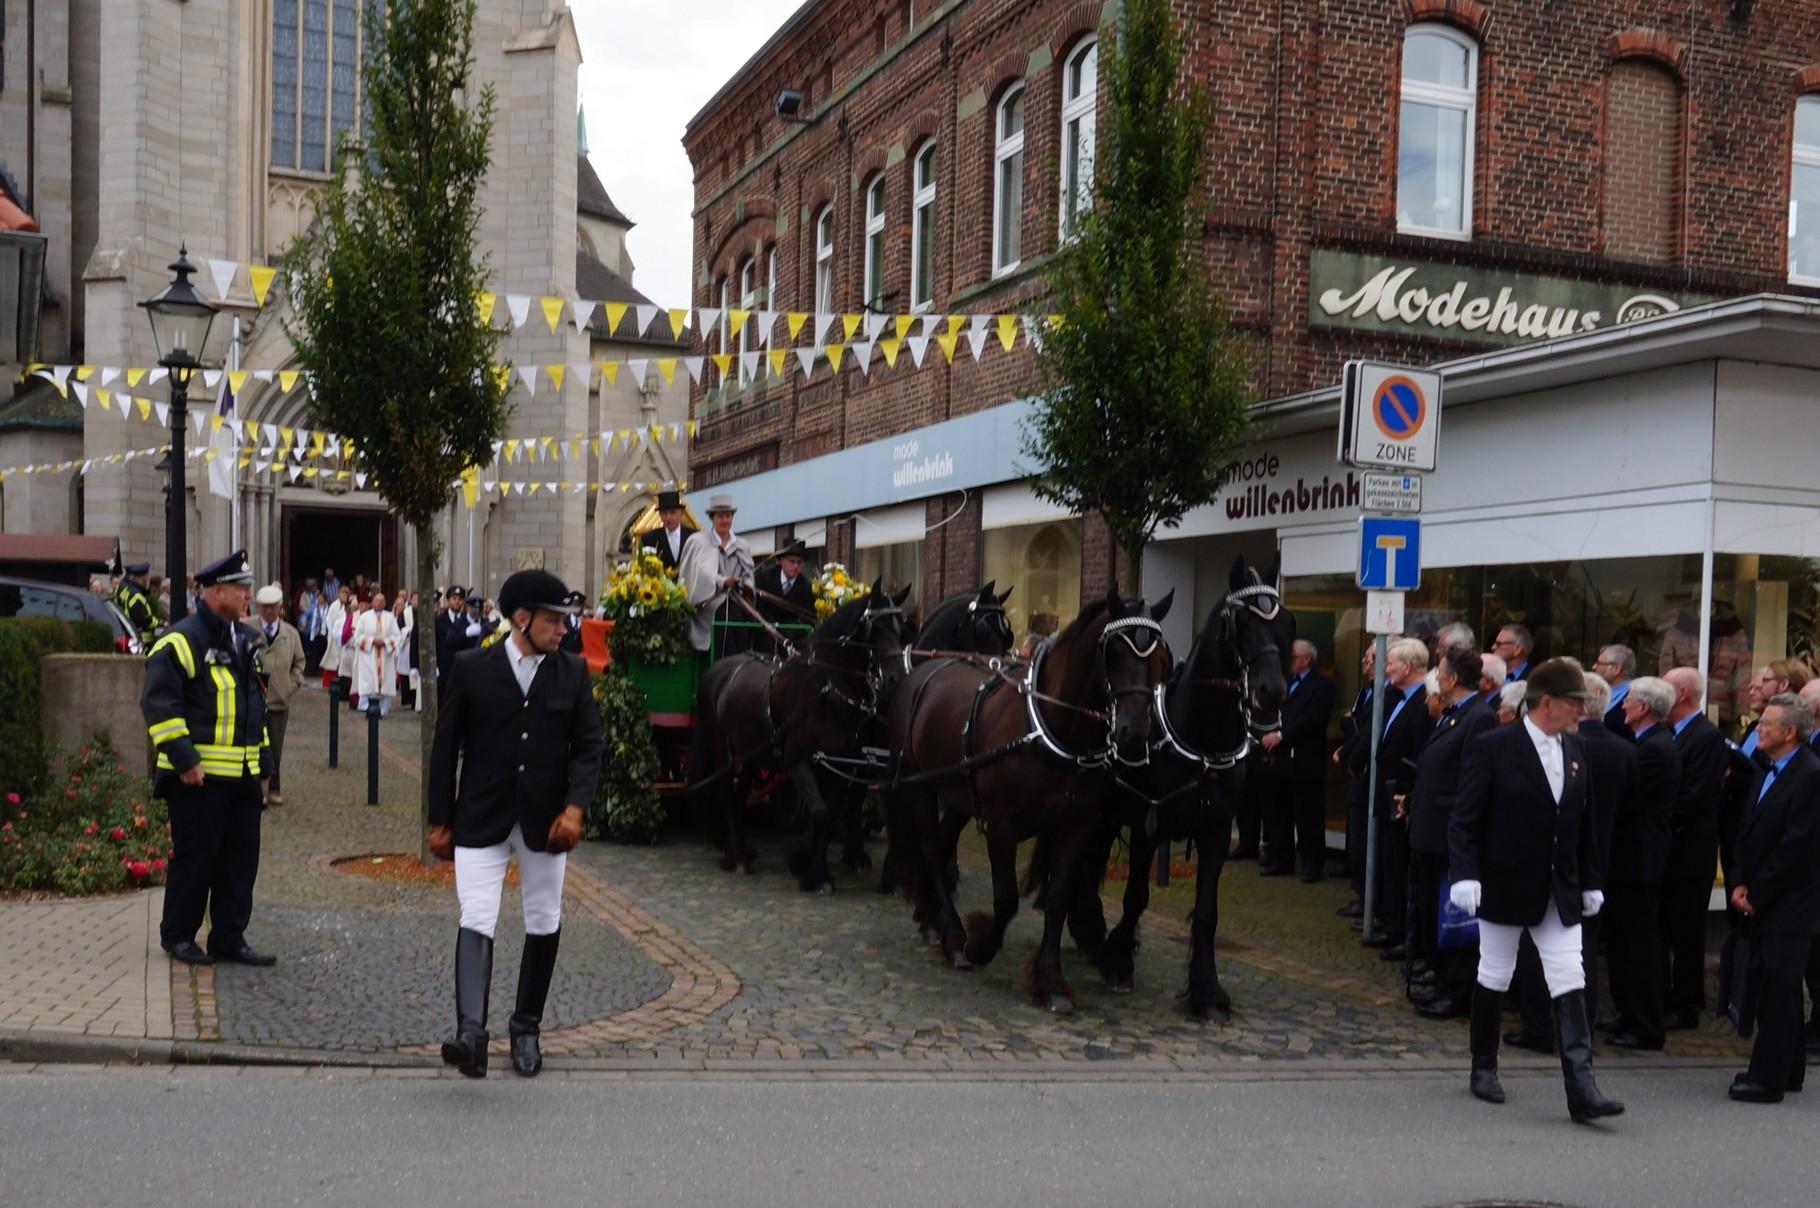 Beginn der Großen Identracht - Kirchplatz